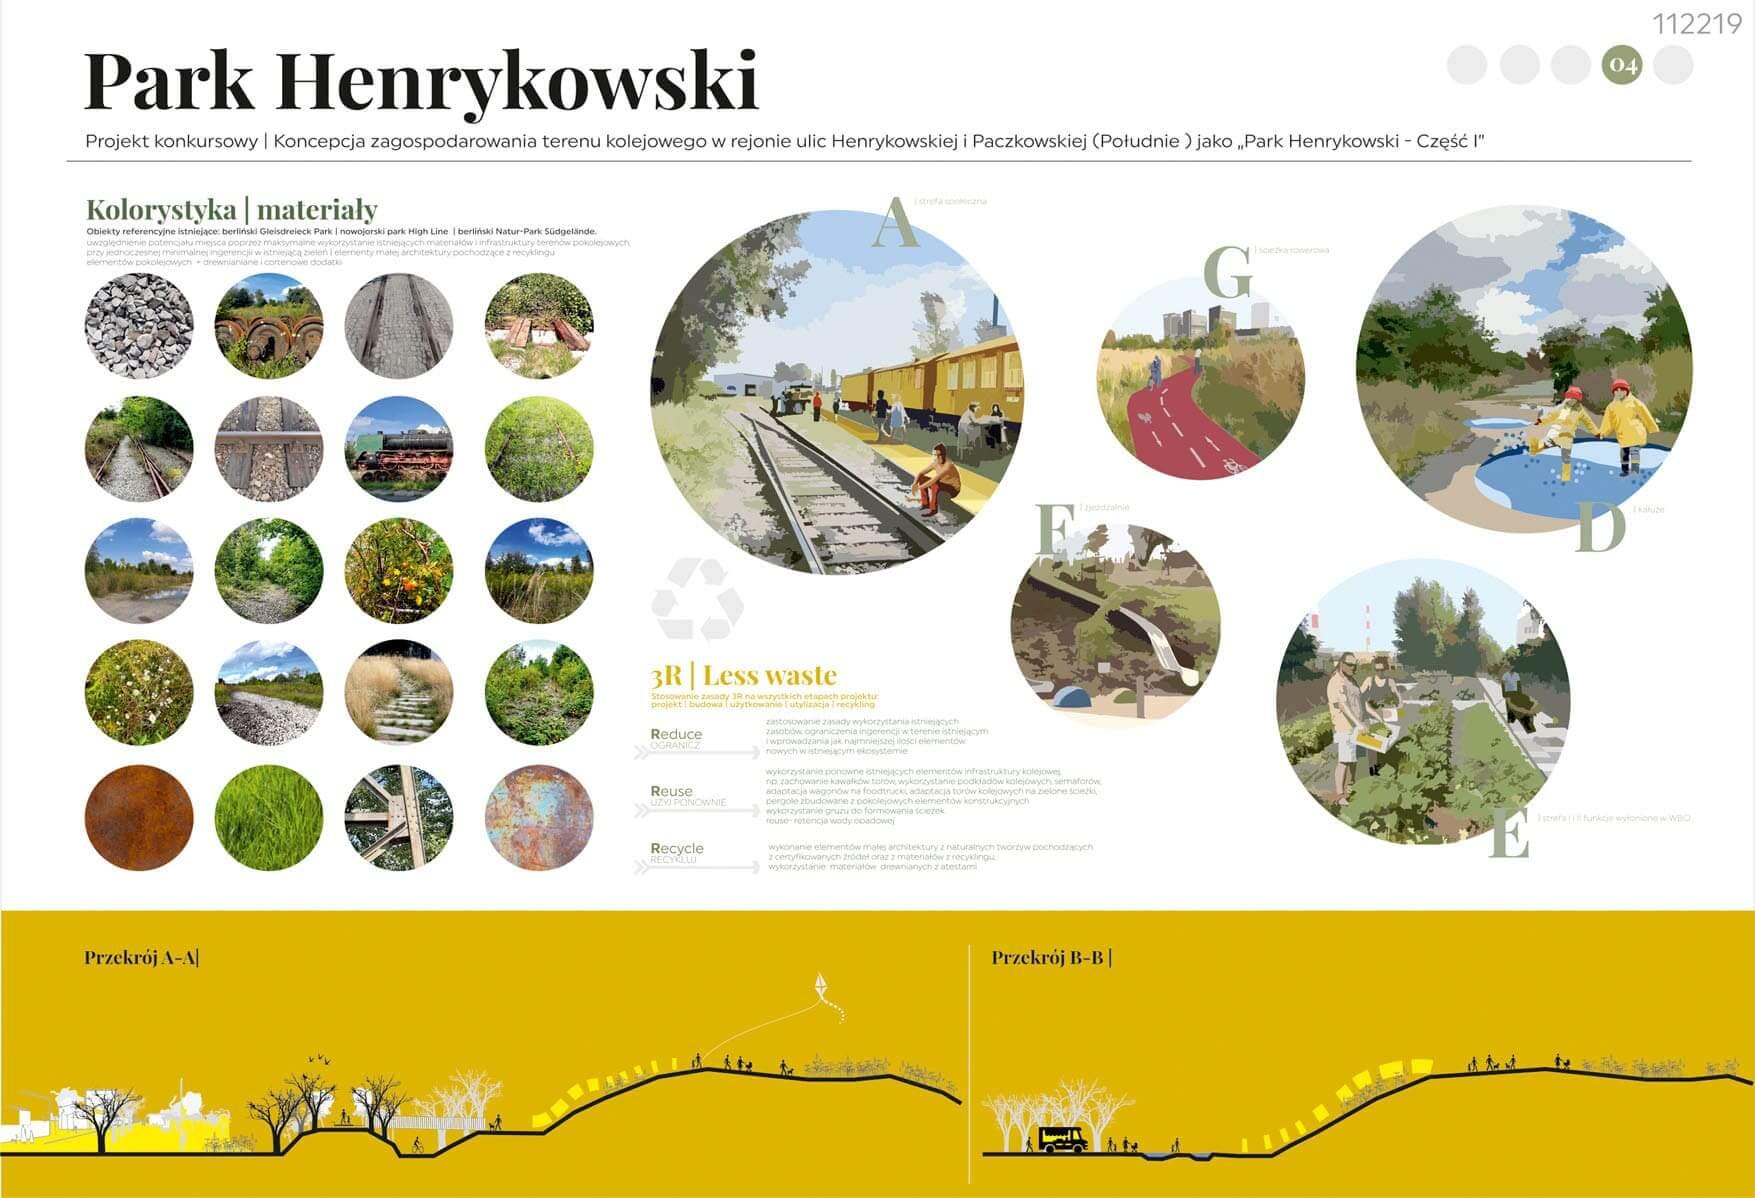 Park Henrykowski-konkurs na opracowanie projektu koncepcyjnego